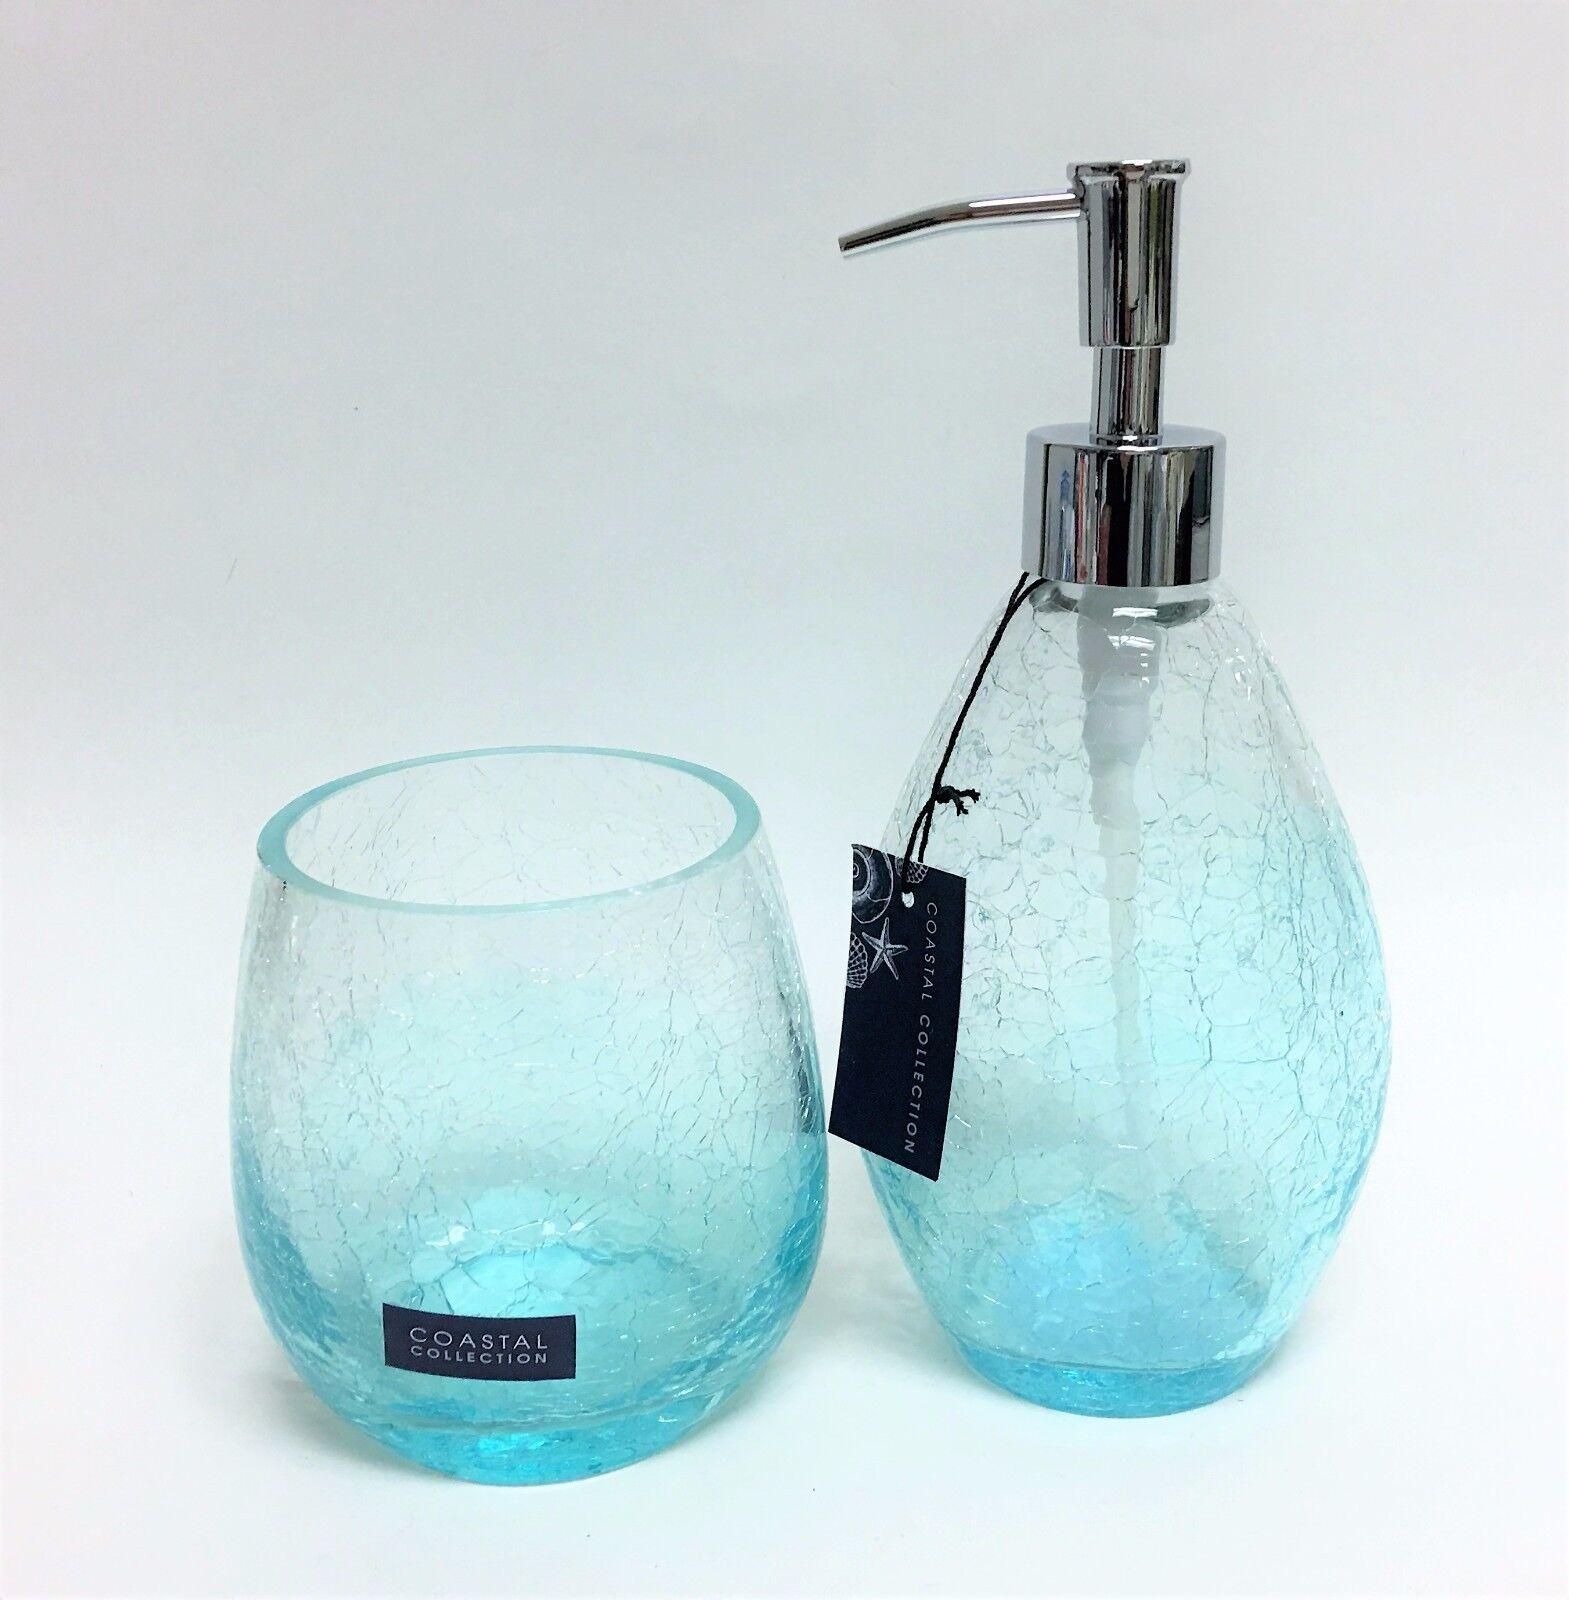 Neu 2 Stk. Set Coastal Collection Klar Ausgebrochenes Glas + Blau, Seife, Lotion